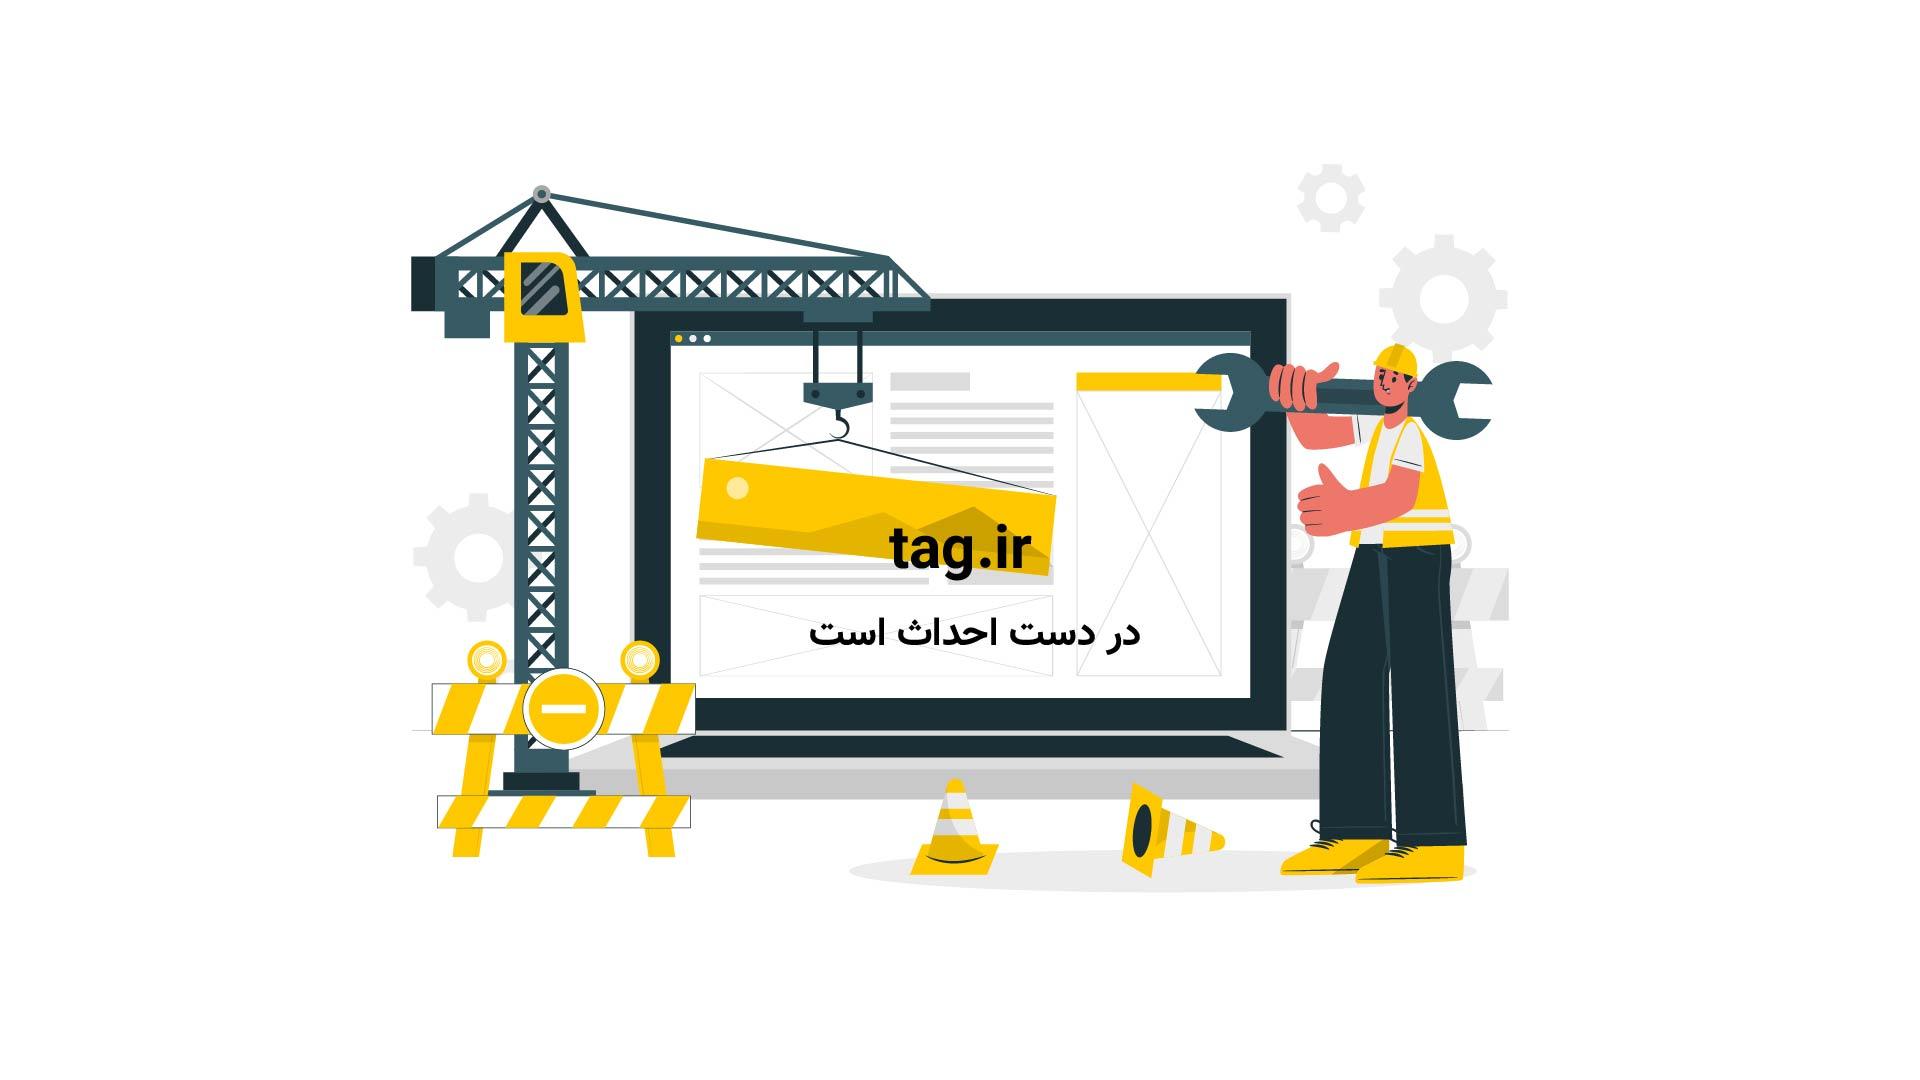 روستای تاریخی و زیبای کندوان در استان آذربایجان شرقی | فیلم